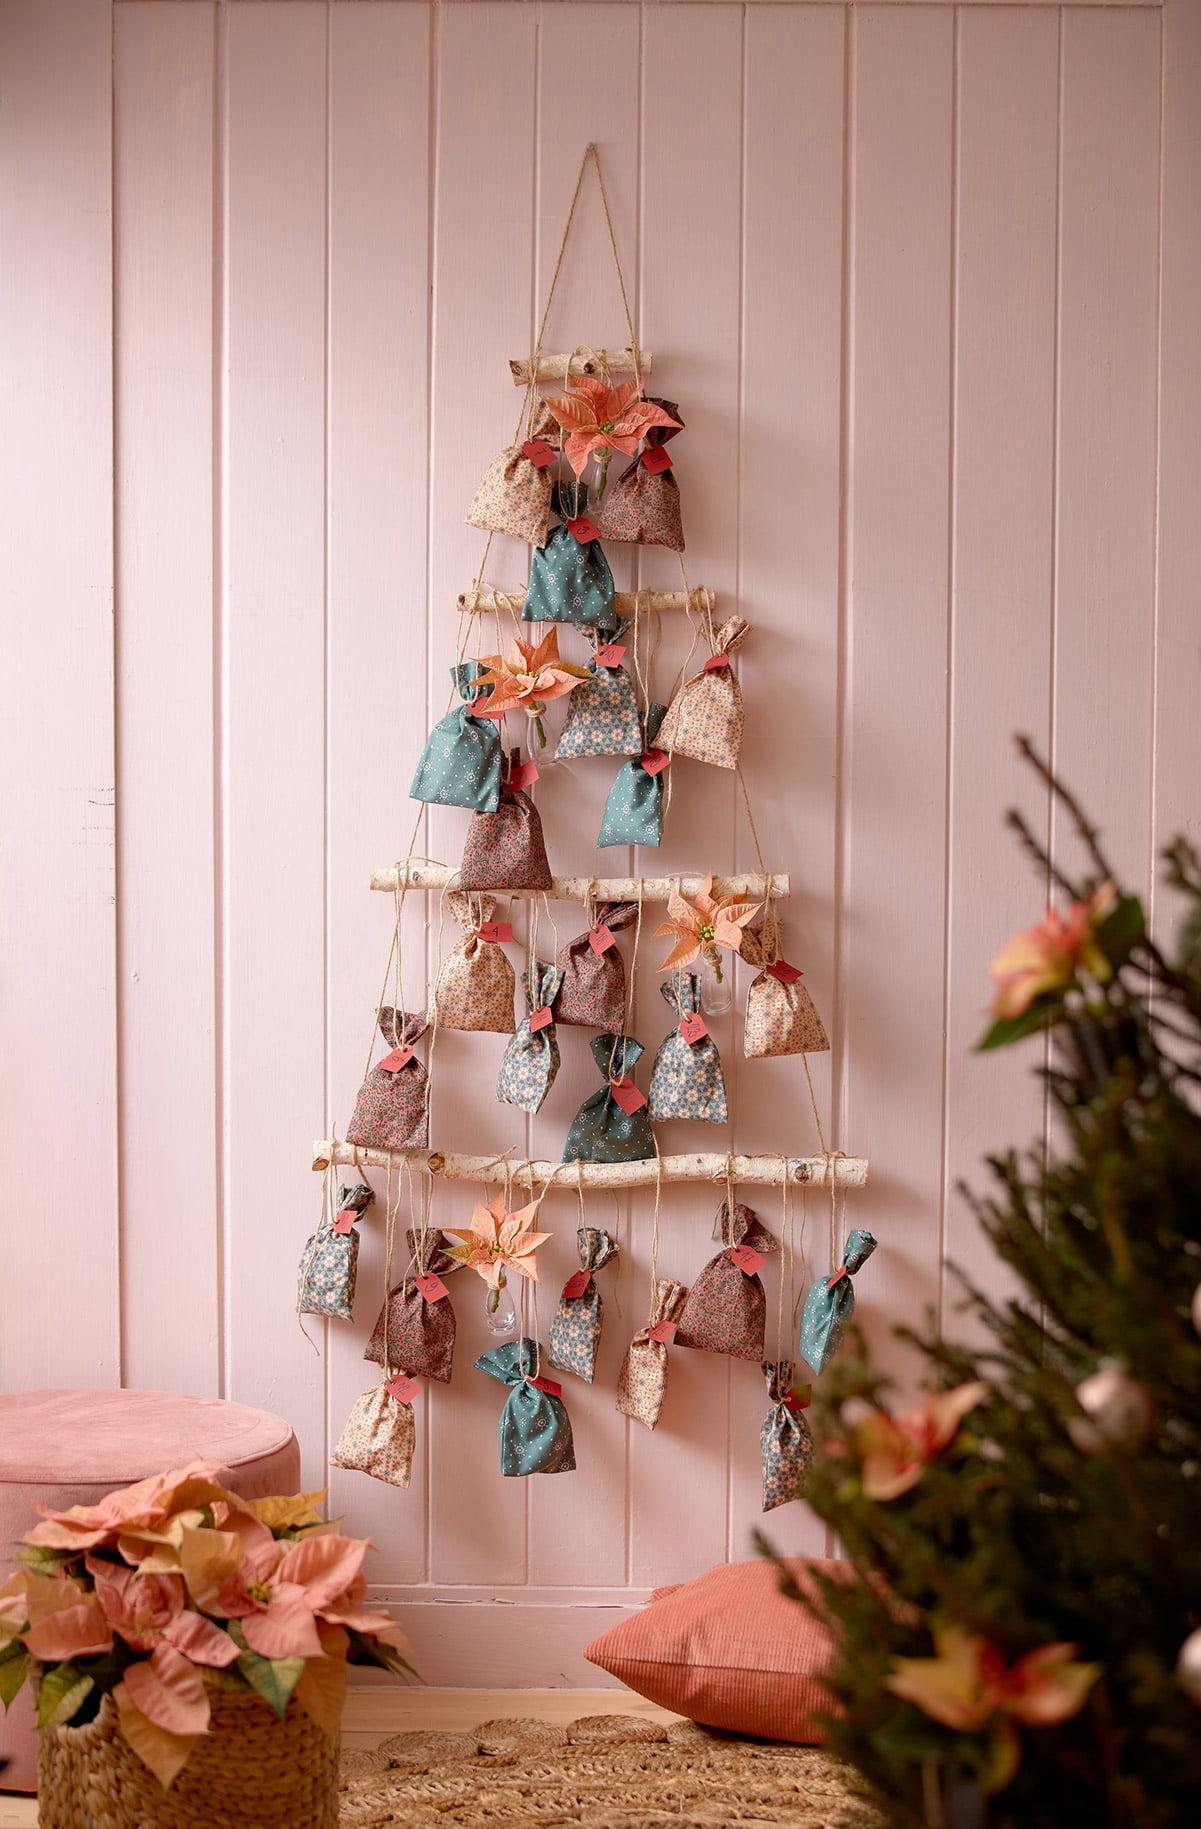 poinsettia themed advent calendar